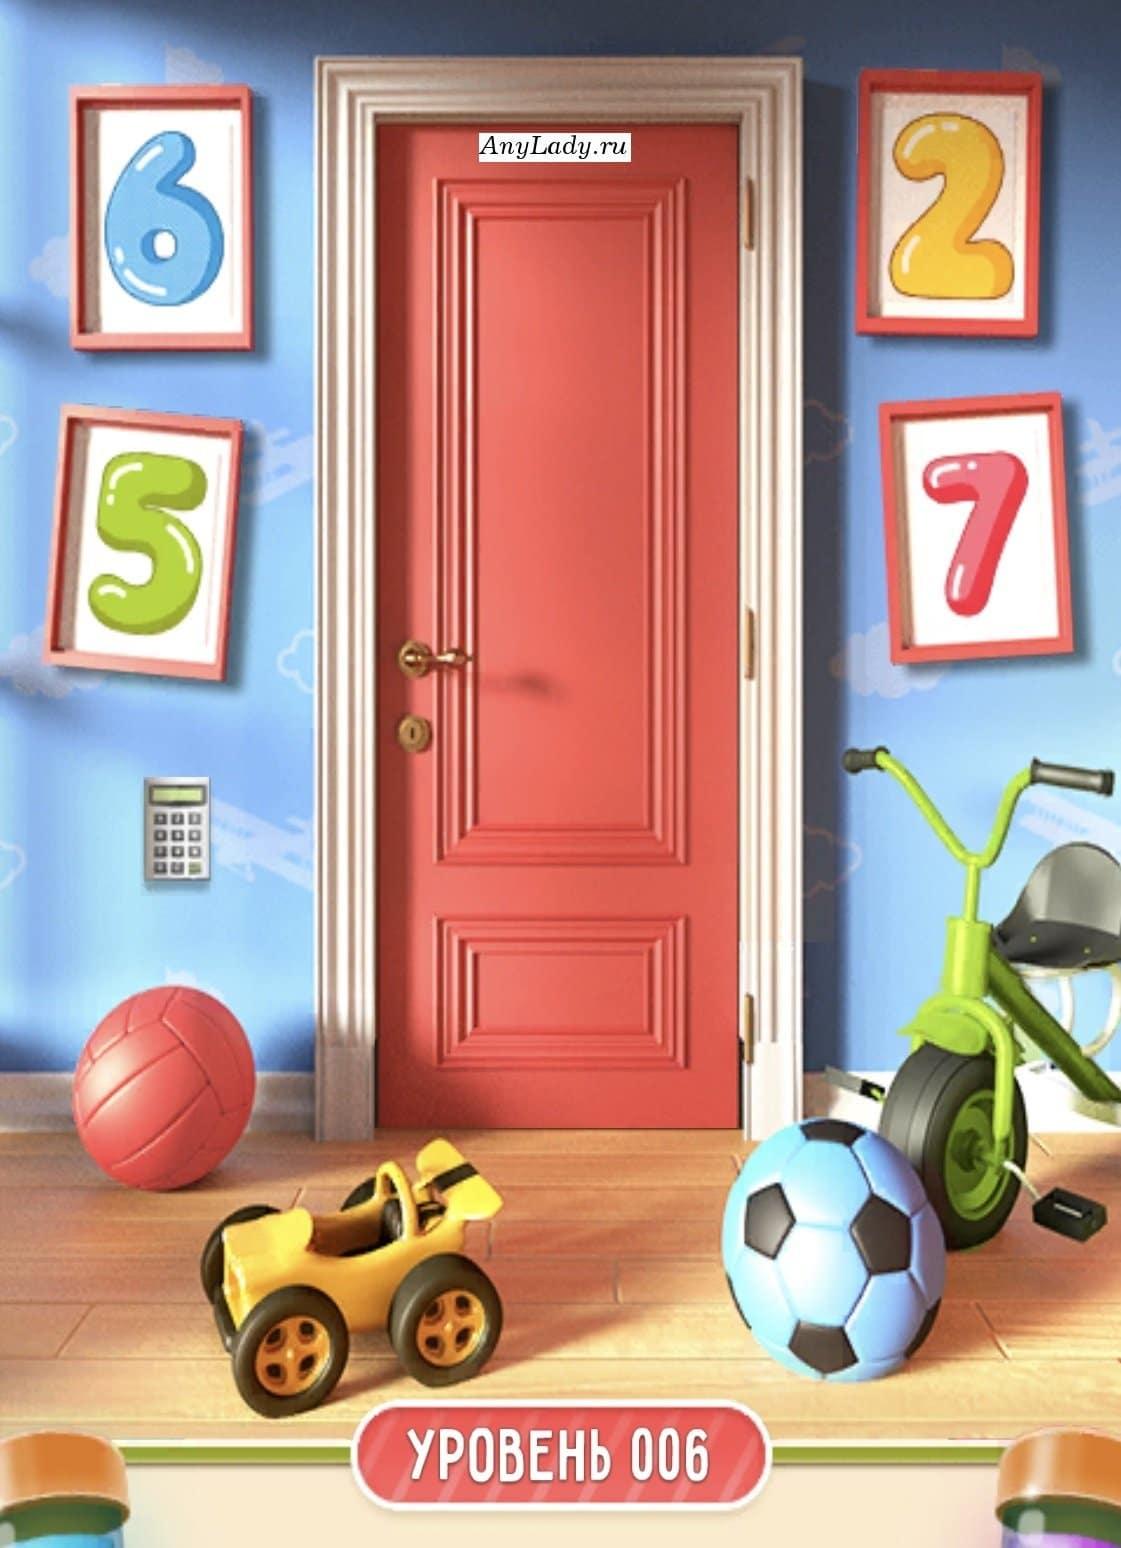 Необходимо открыть кодовый замок. Набирайте код по порядку предметов, начиная от красного мяча и заканчивая зеленым велосипедом. Ответ: 7265